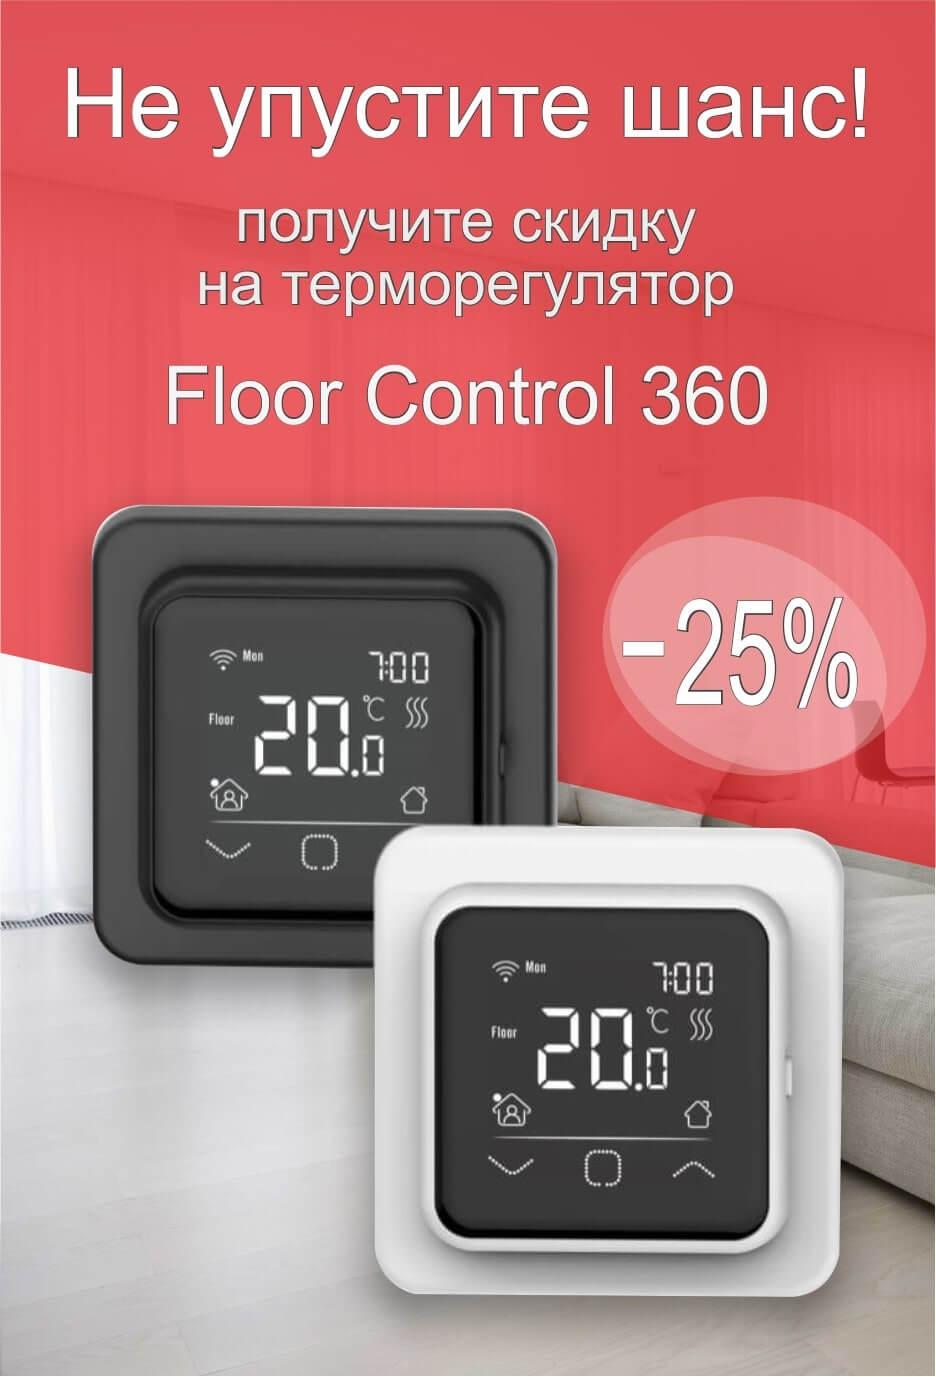 Floor Control 360